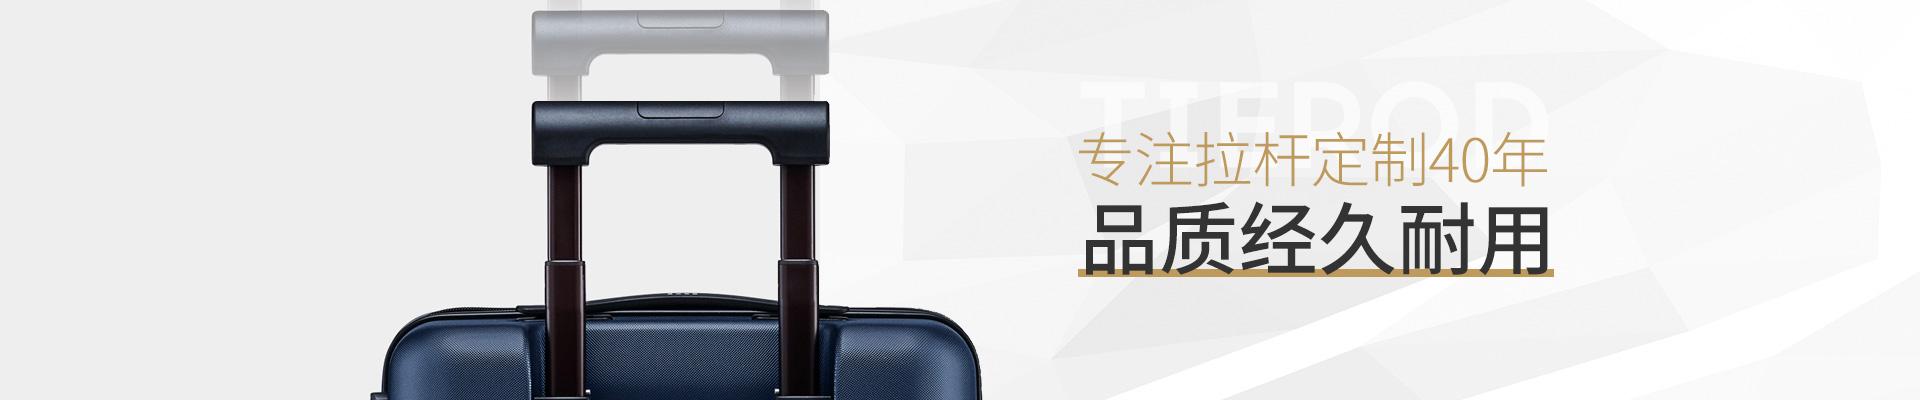 宏信-专注拉杆定制40年,品质经久耐用